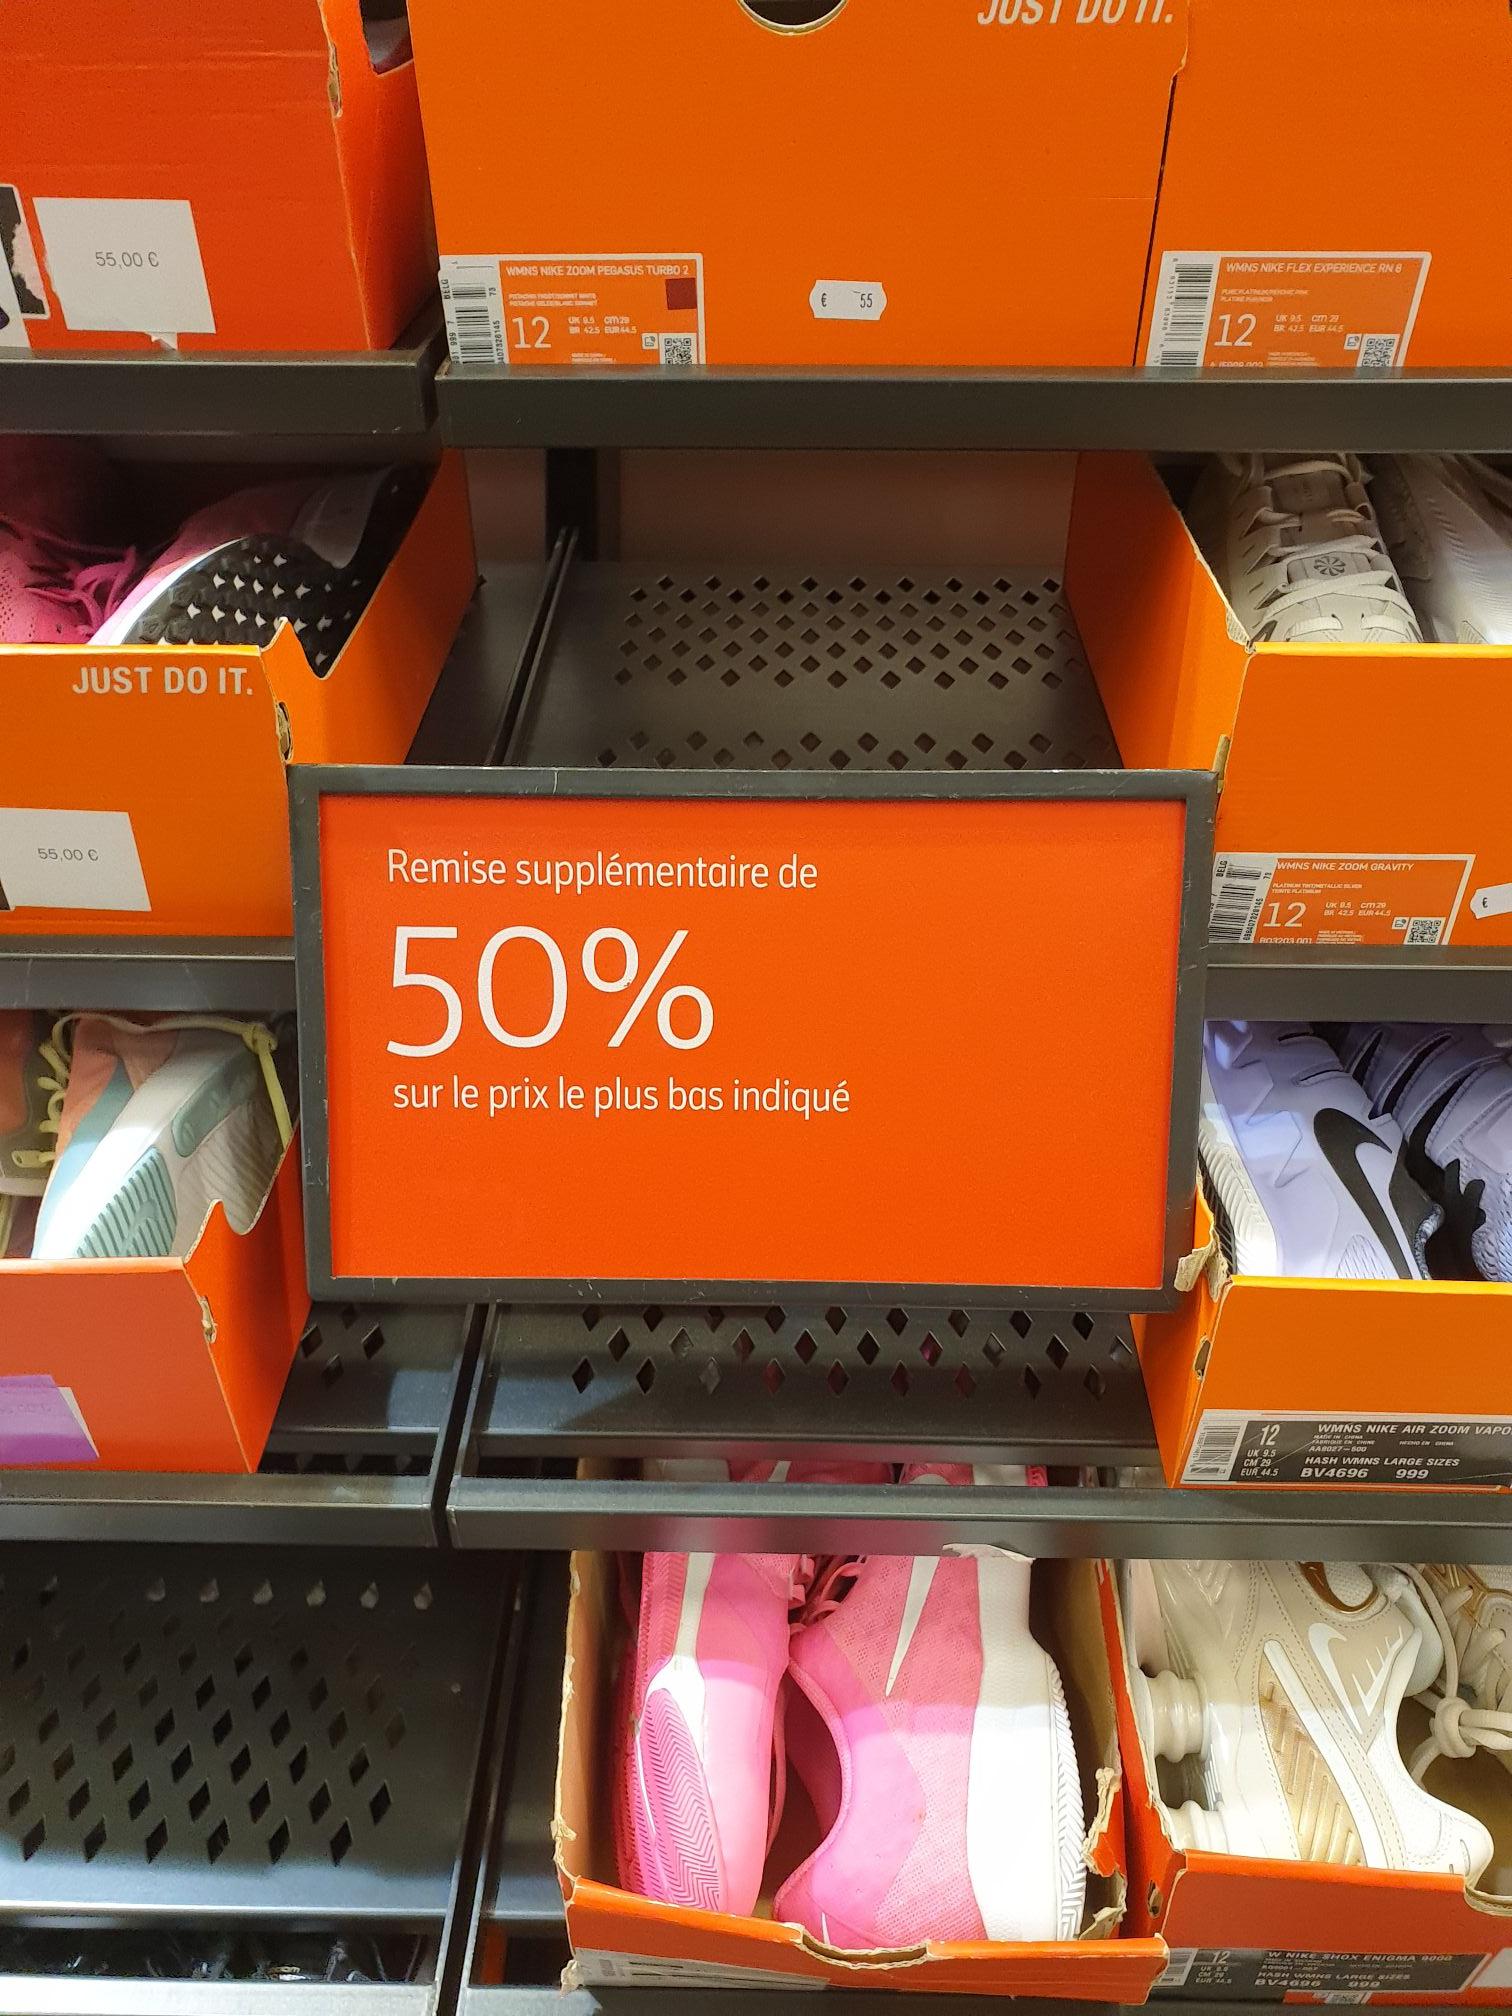 50% de réduction supplémentaire sur tout le magasin - Nike ClearanceStore Romans sur Isère (26)